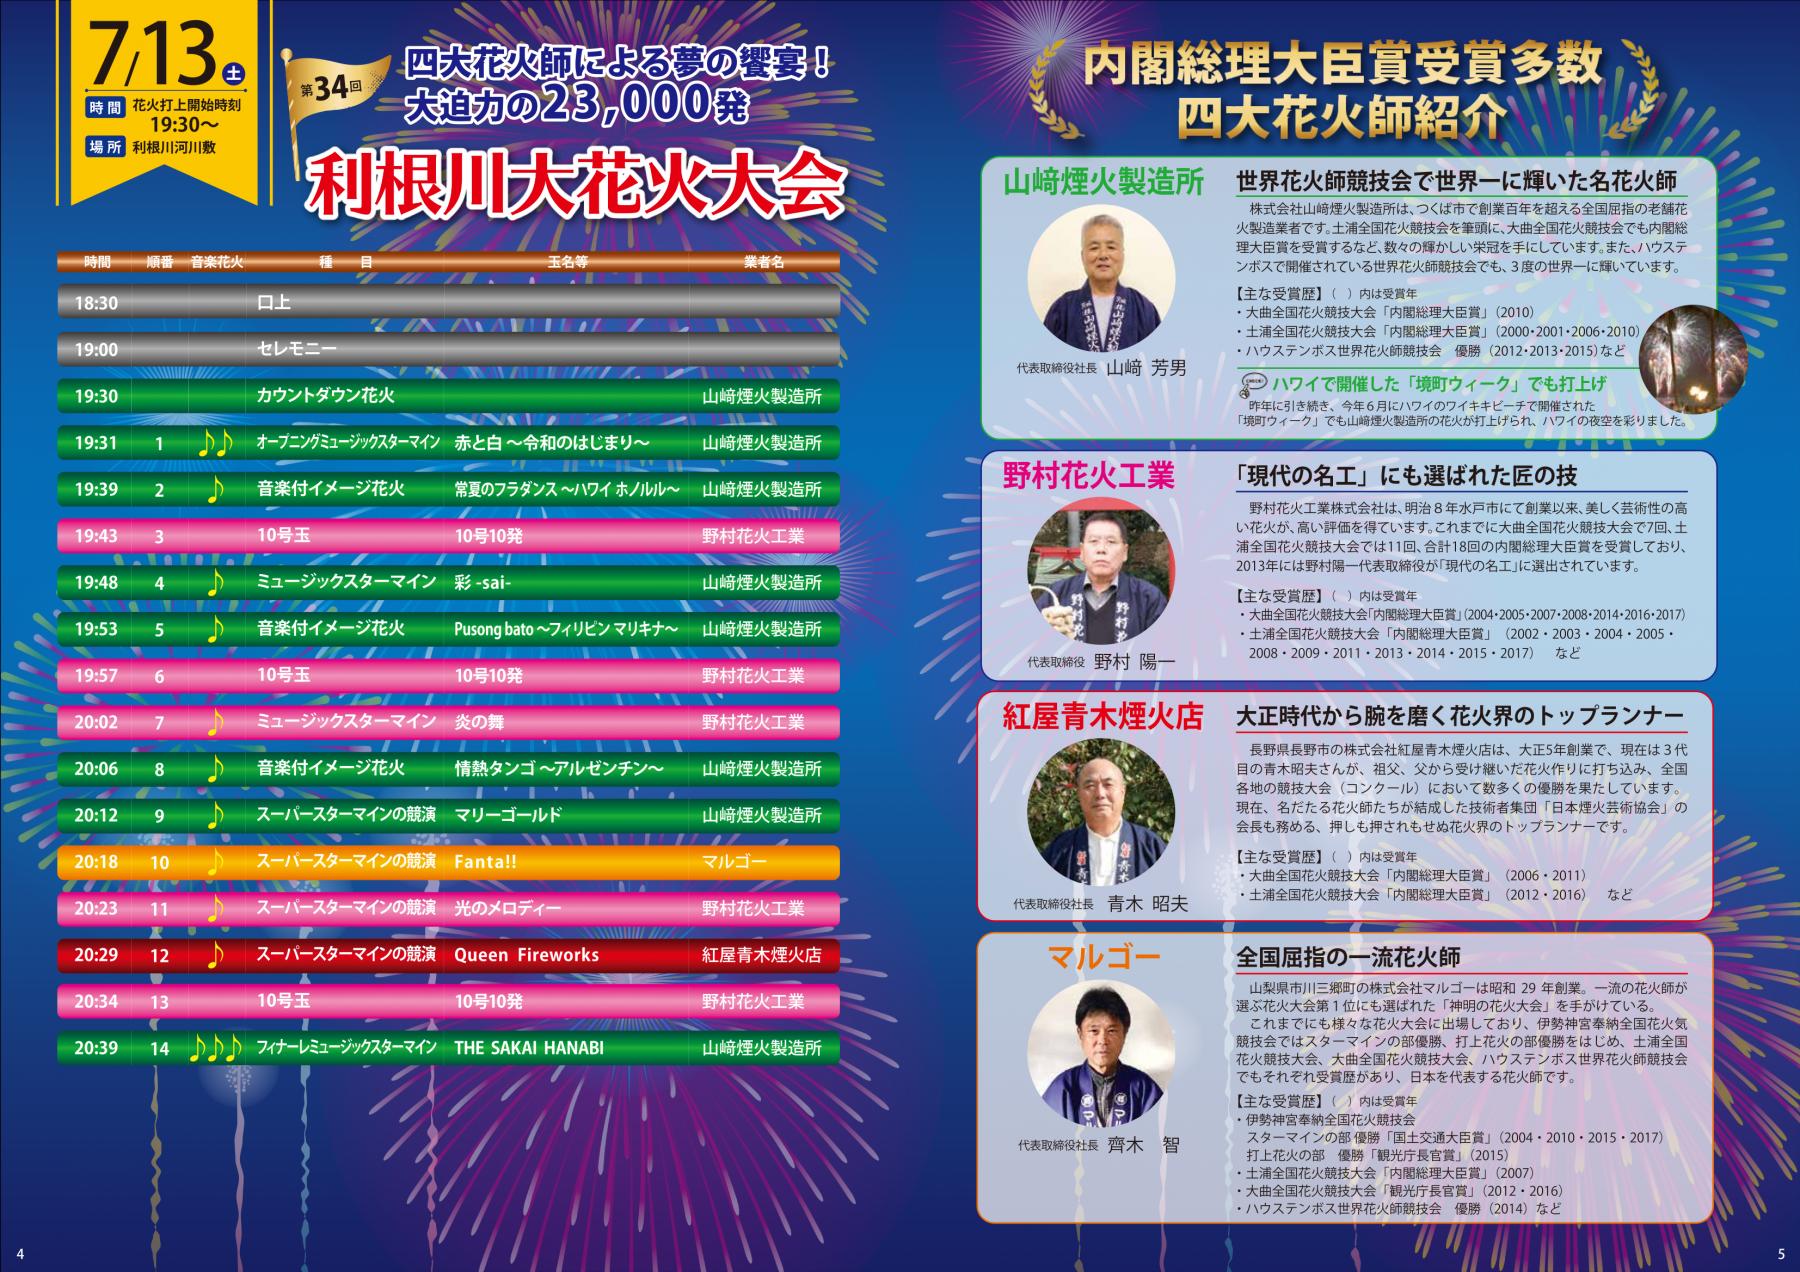 『第34回利根川大花火大会_プログラム』の画像